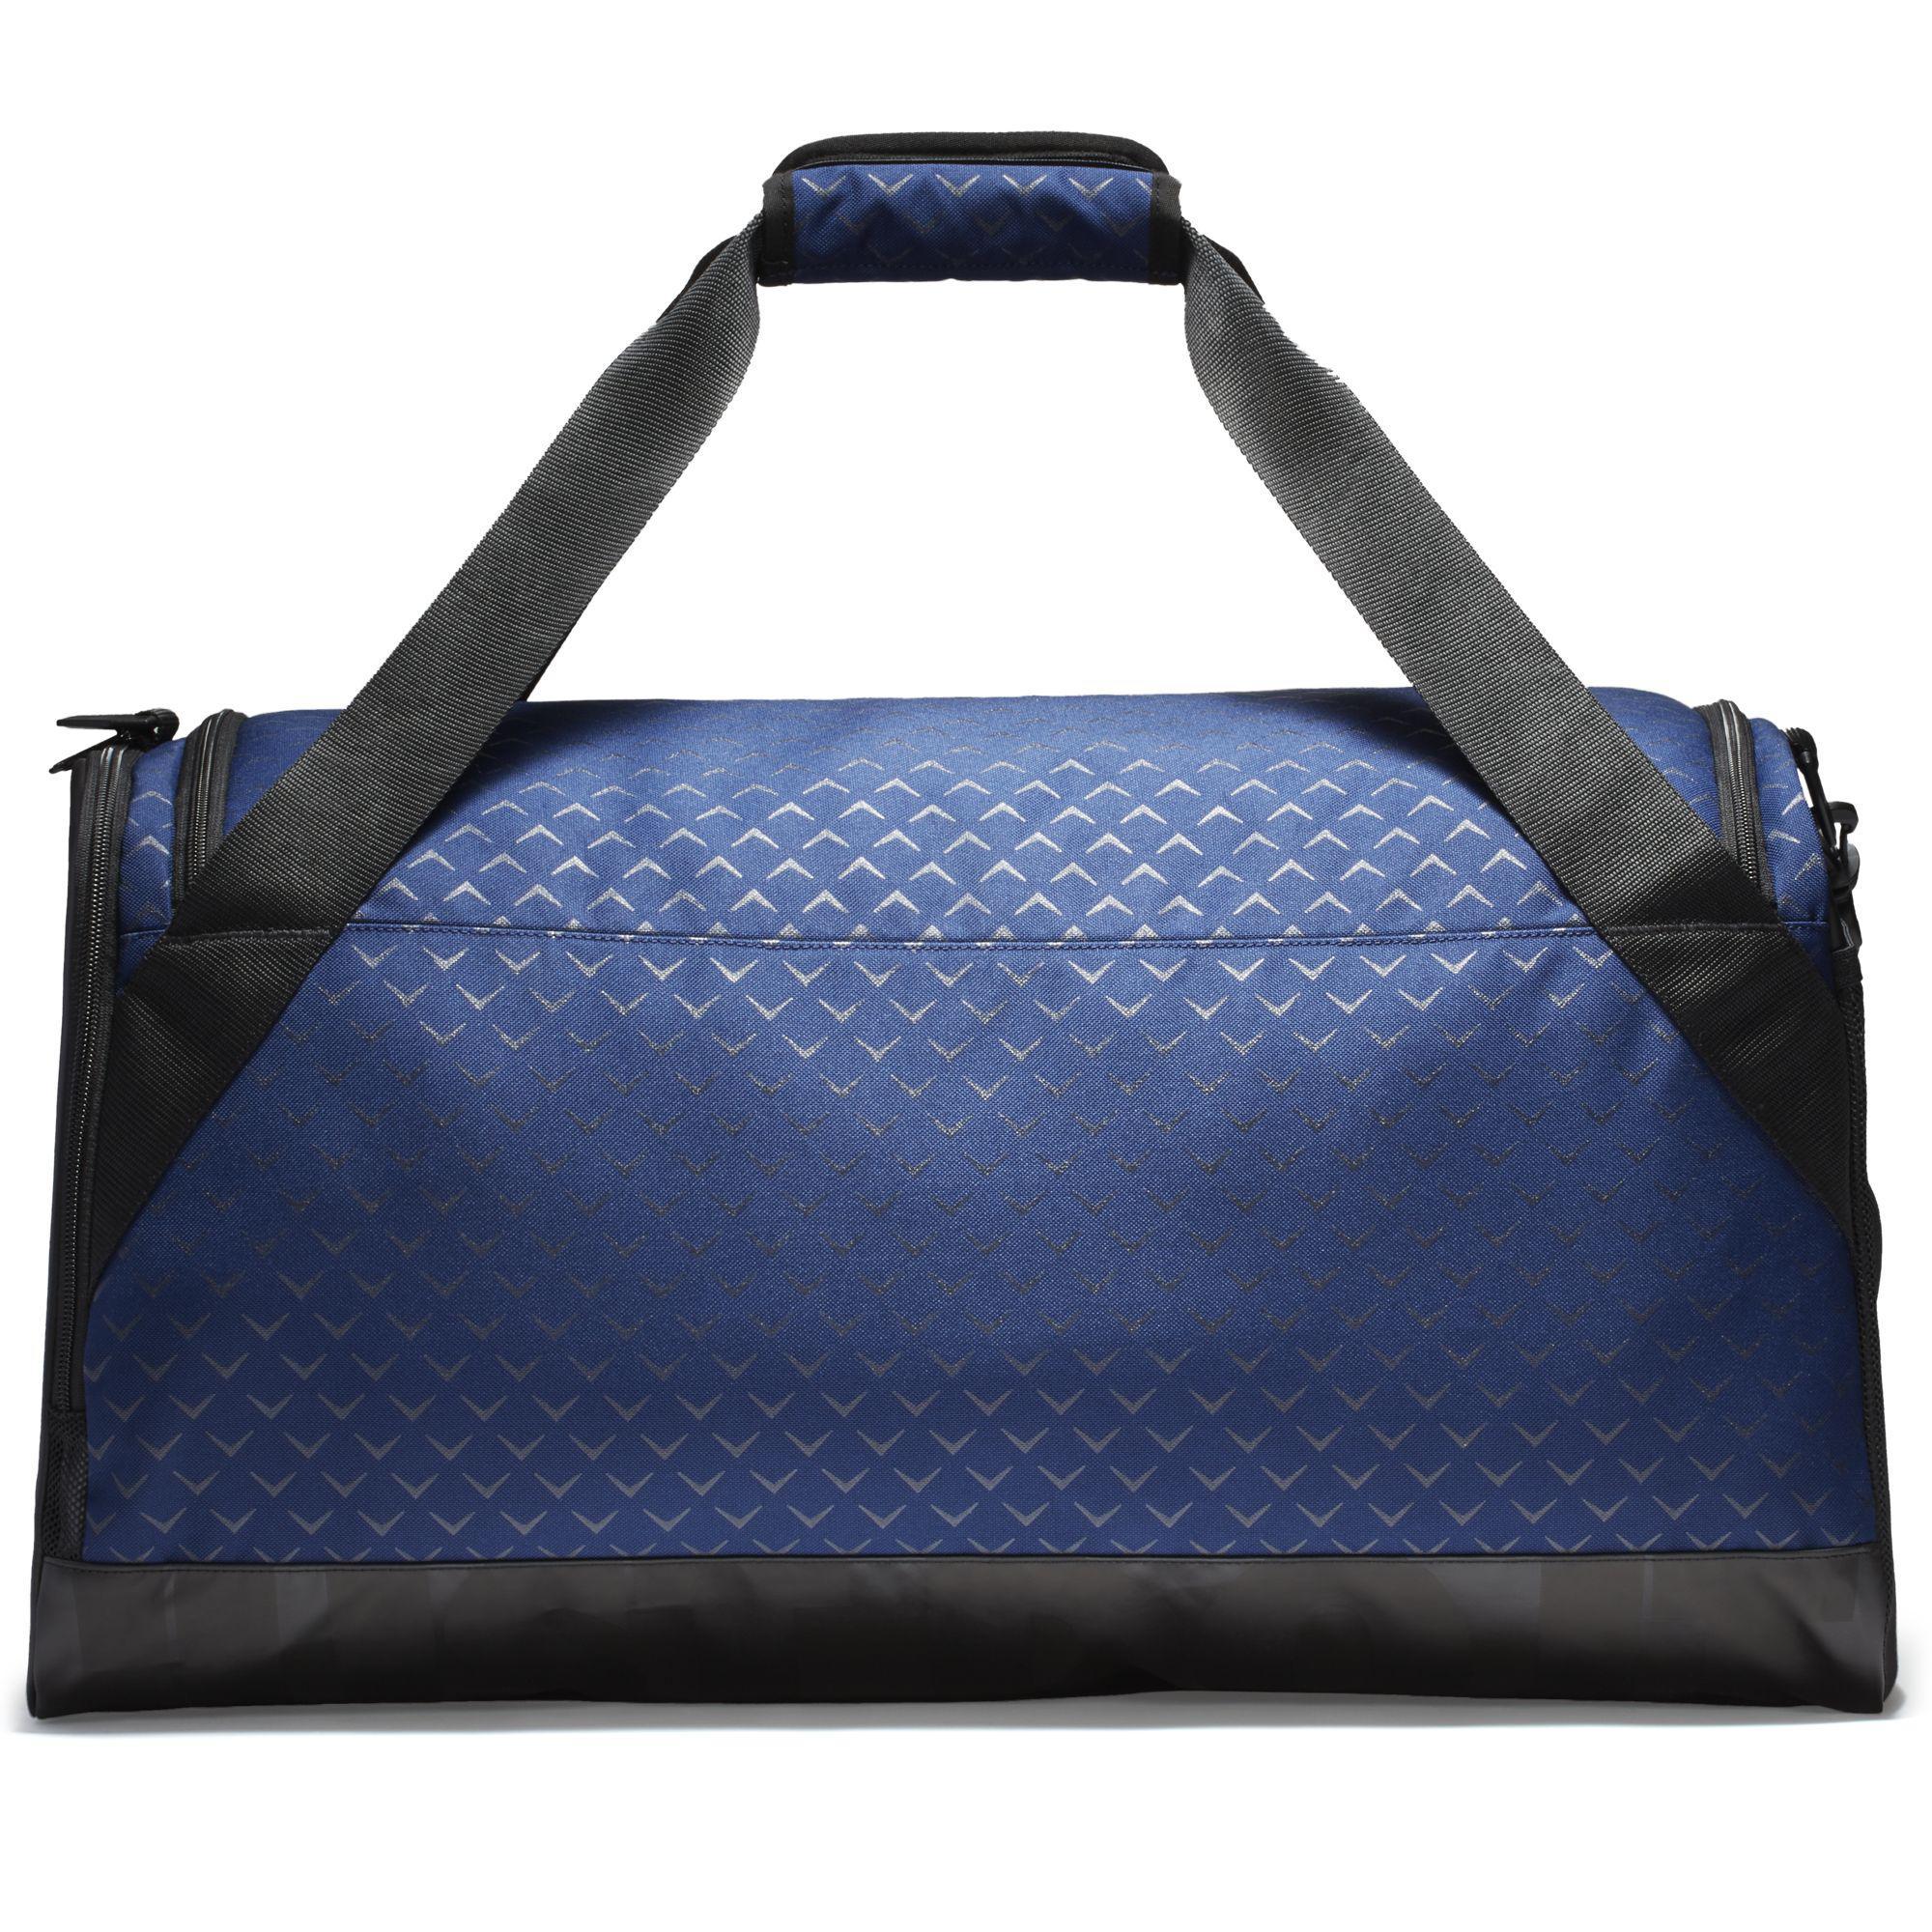 dddbf87ce5a5 Nike Brasilia (Medium) Training Duffel Bag - Binary Blue Black White ...